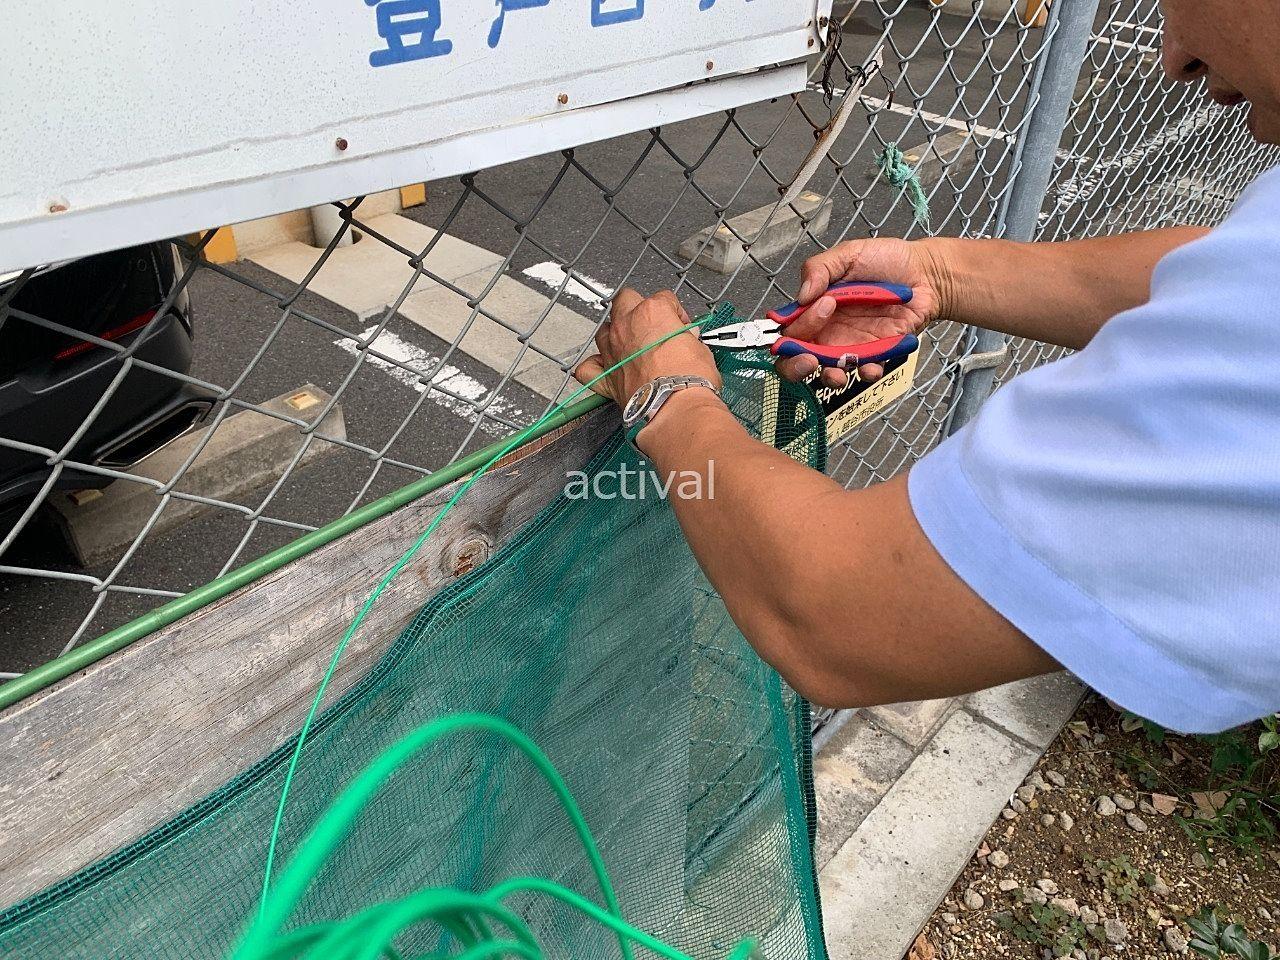 当社にあった道具を使ってゴミ集積所のネットを補修します!